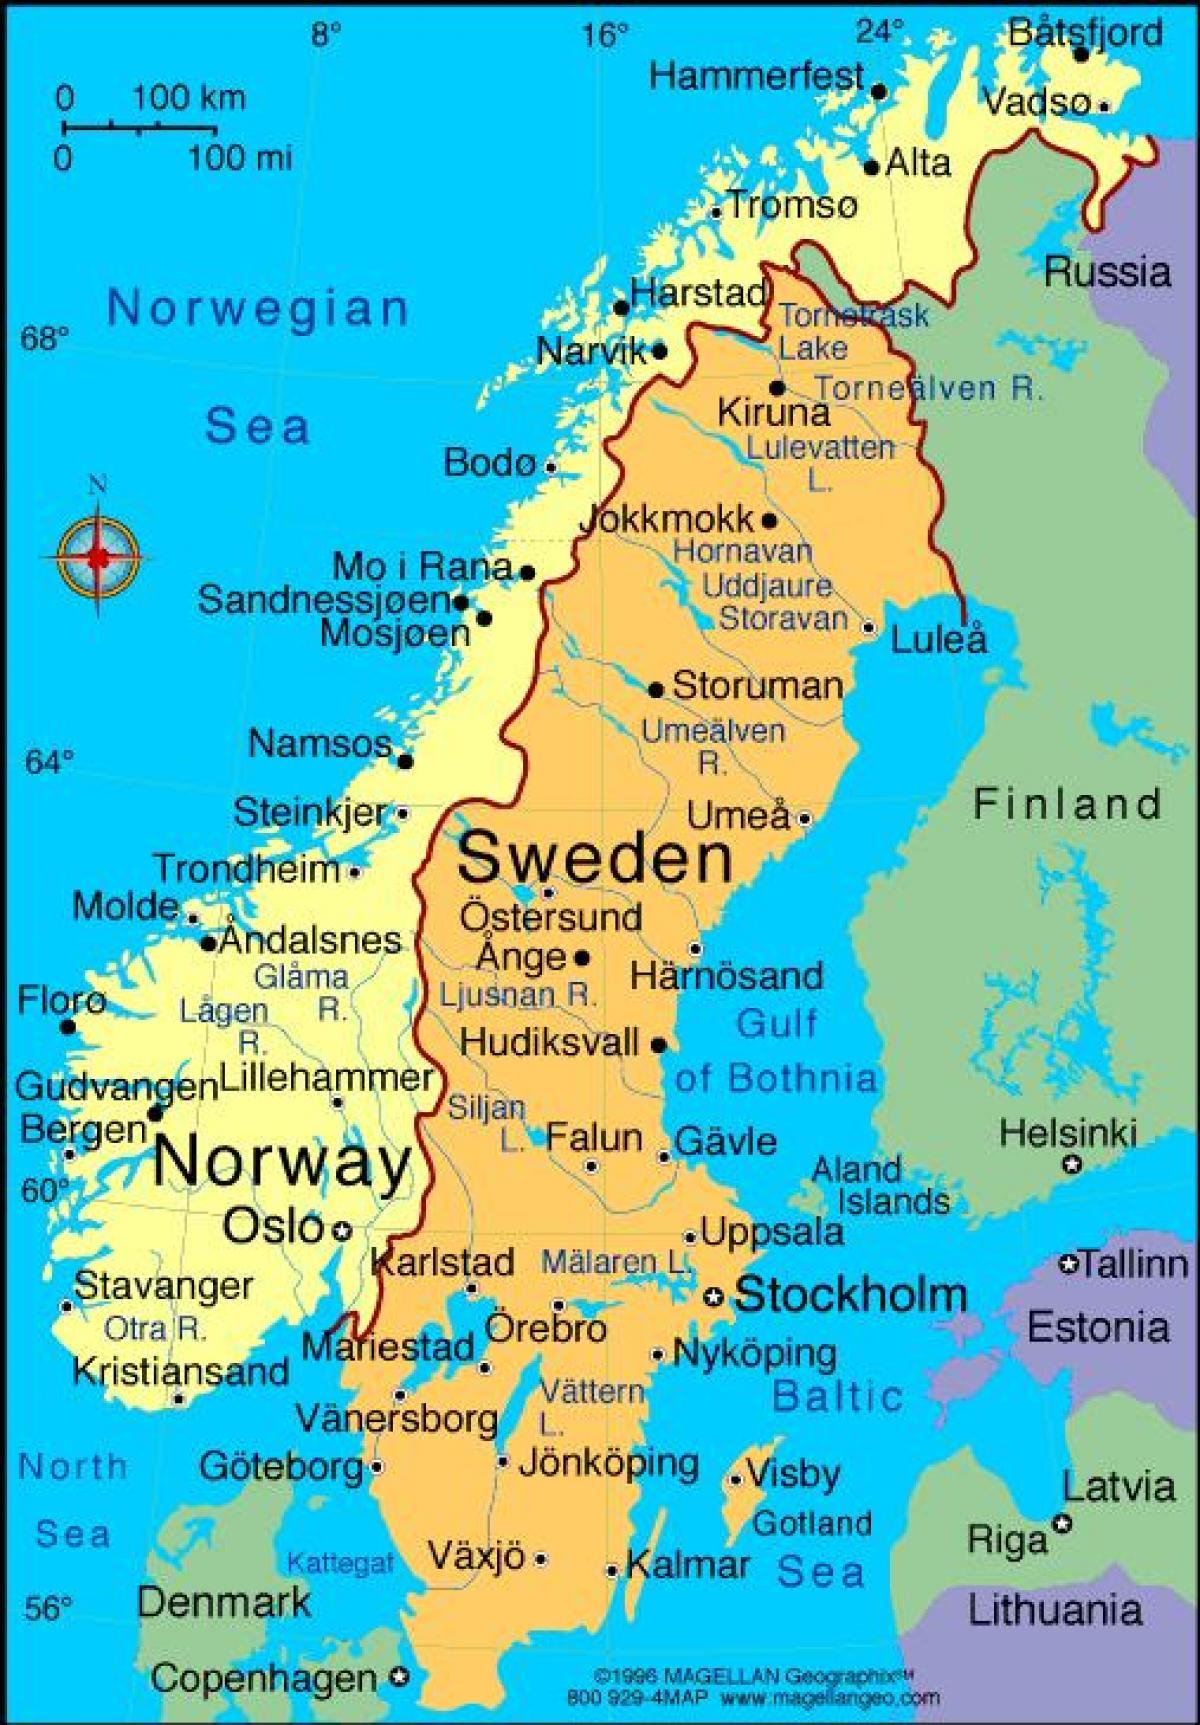 kart over sverige med byer Svenske byer kart   Kart over Sverige byer (Northern Europe   Europe) kart over sverige med byer